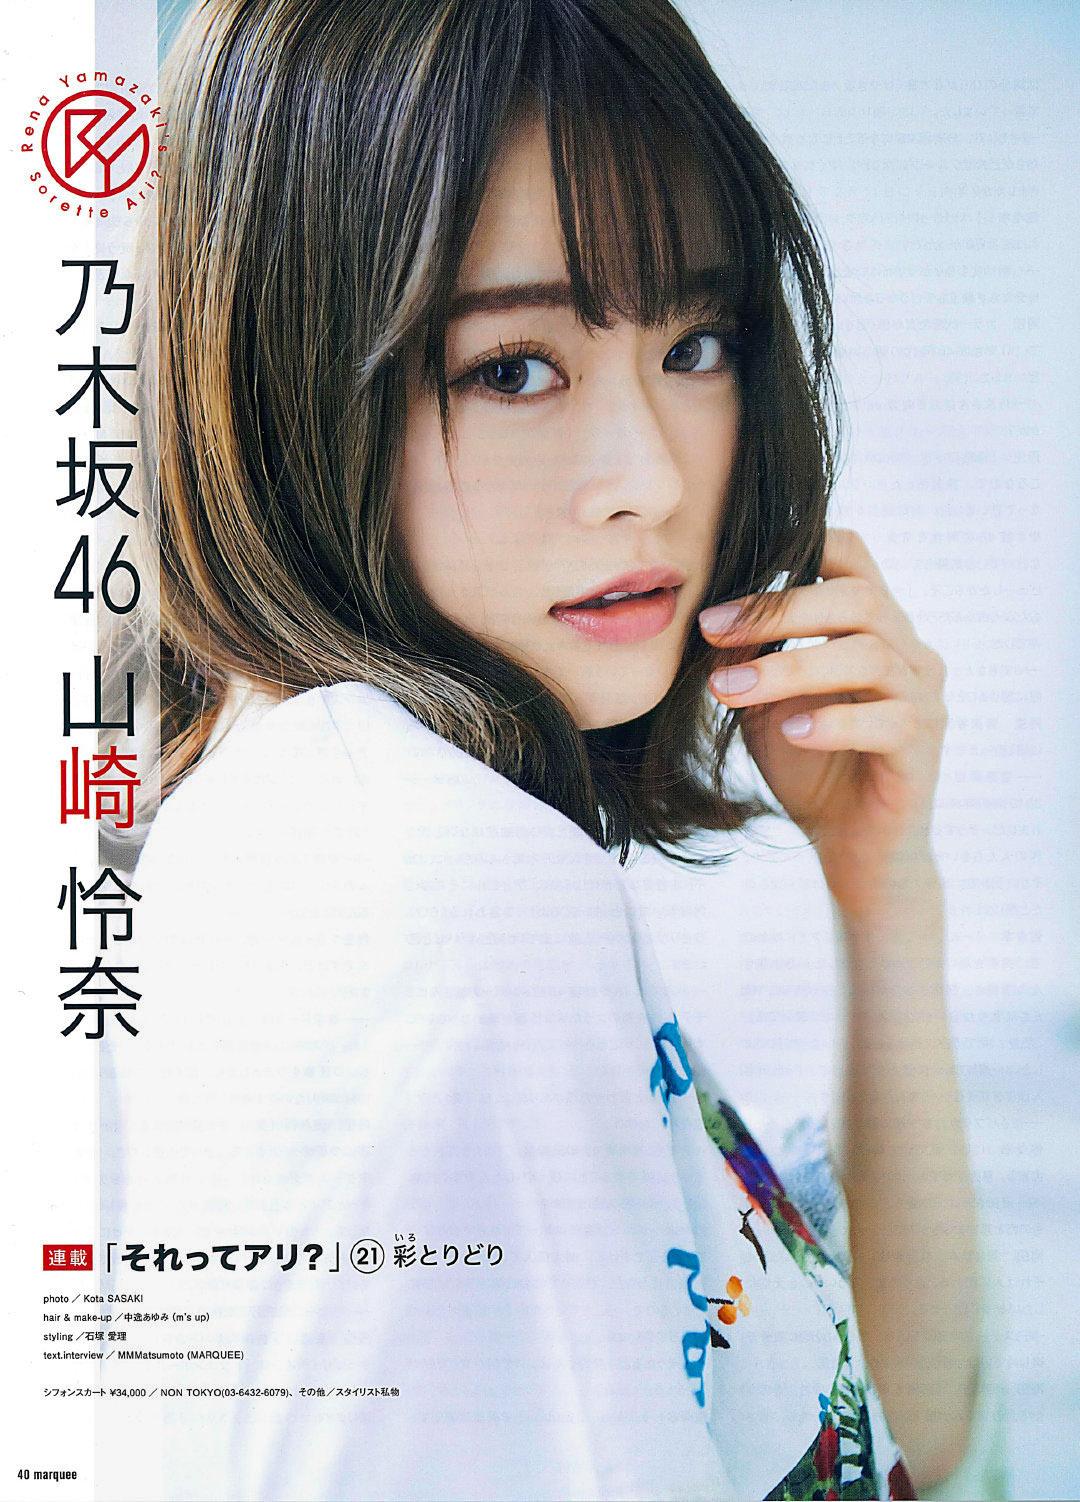 Rena Yamazaki N46 Marquee 137 01.jpg